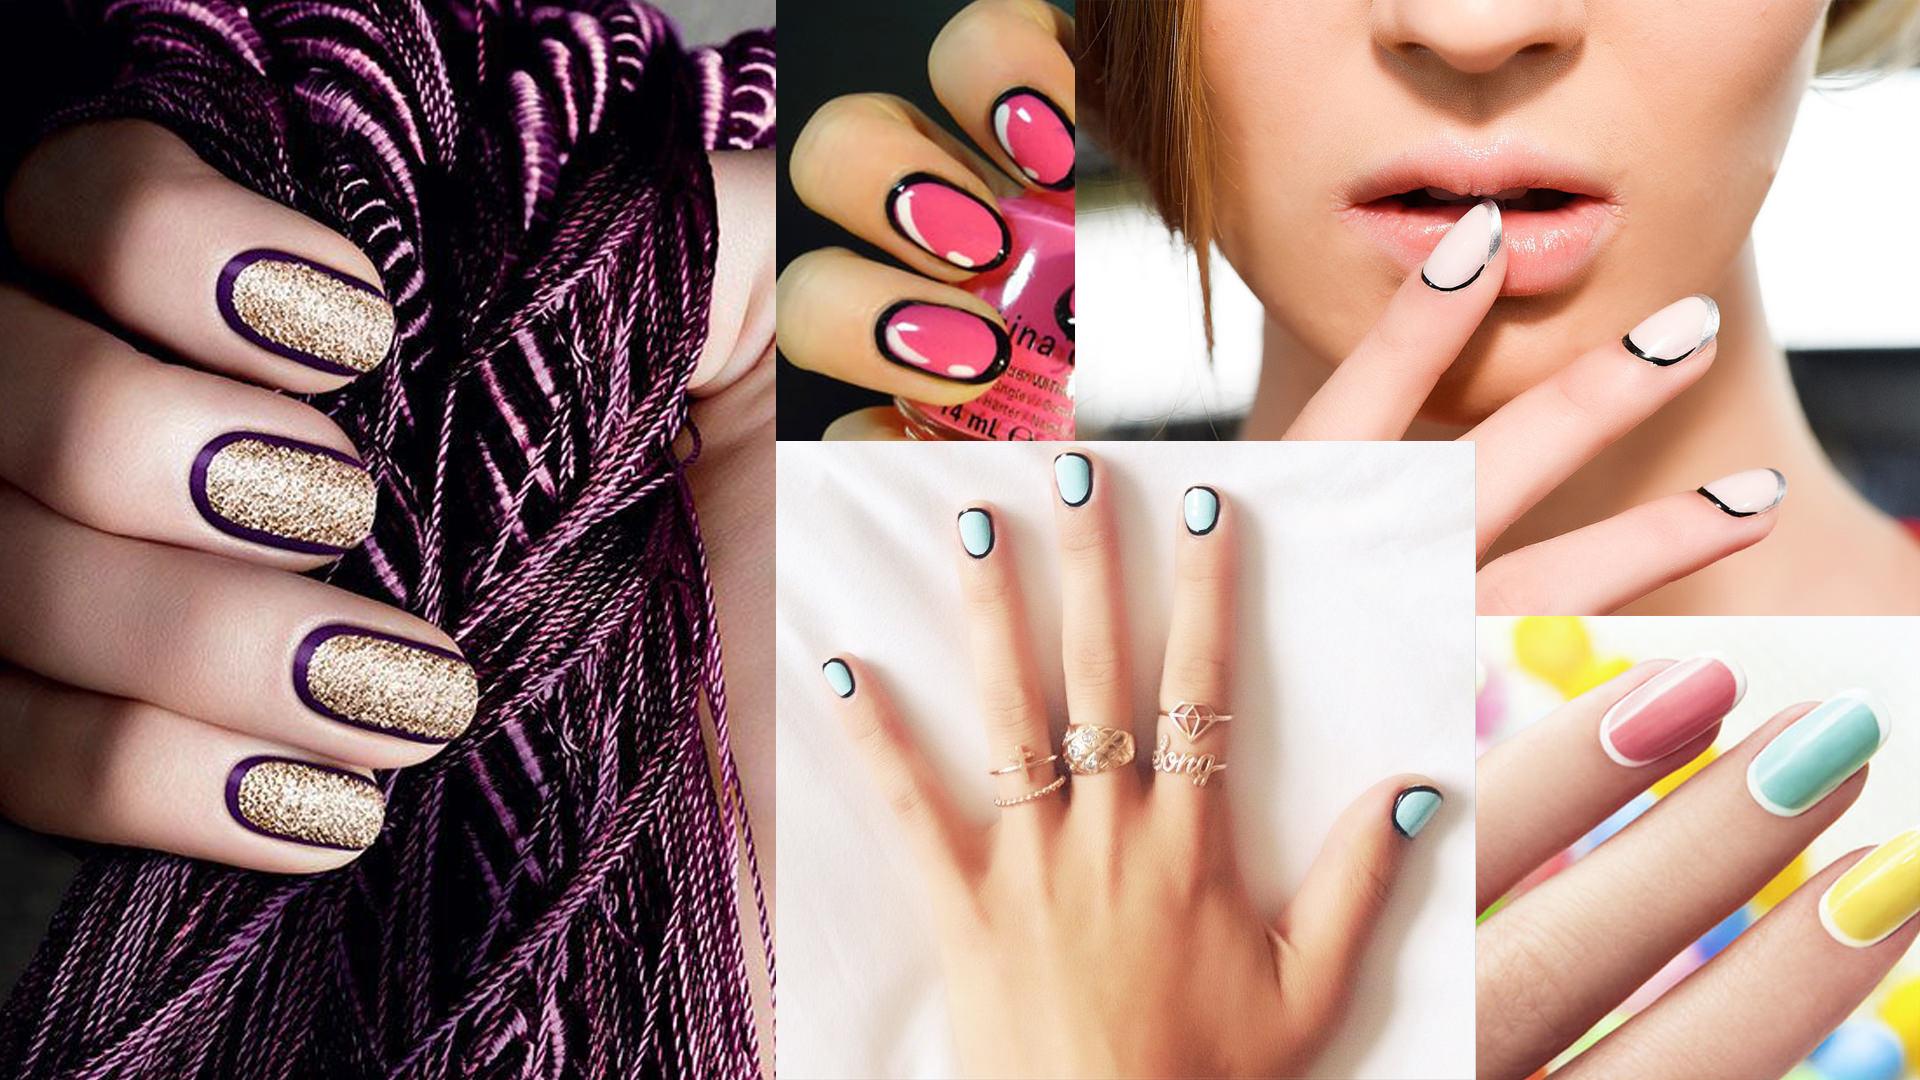 Строение и рост ногтя: как должны выглядеть здоровые ногти и кожа, правила ухода